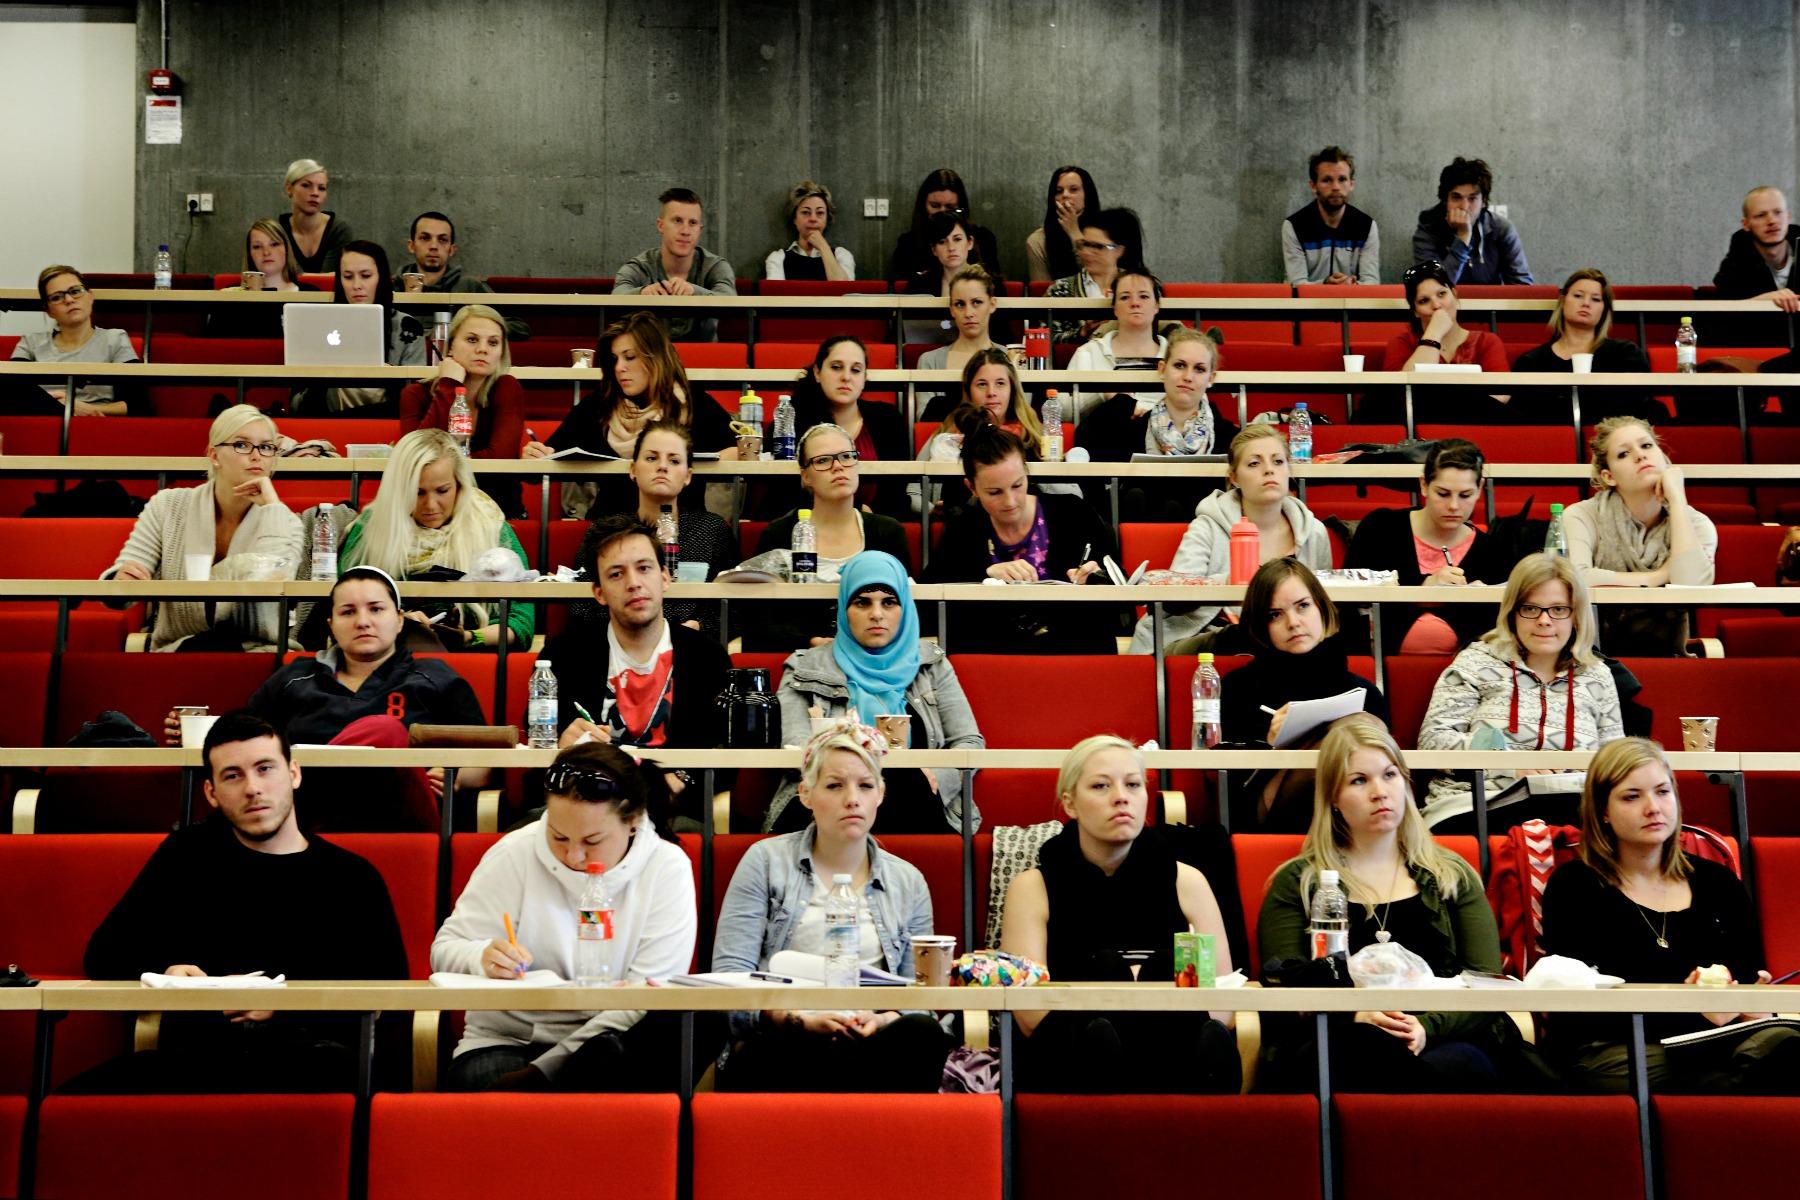 studerende, undervisning, uddannelse, videregående uddannelse, engagement